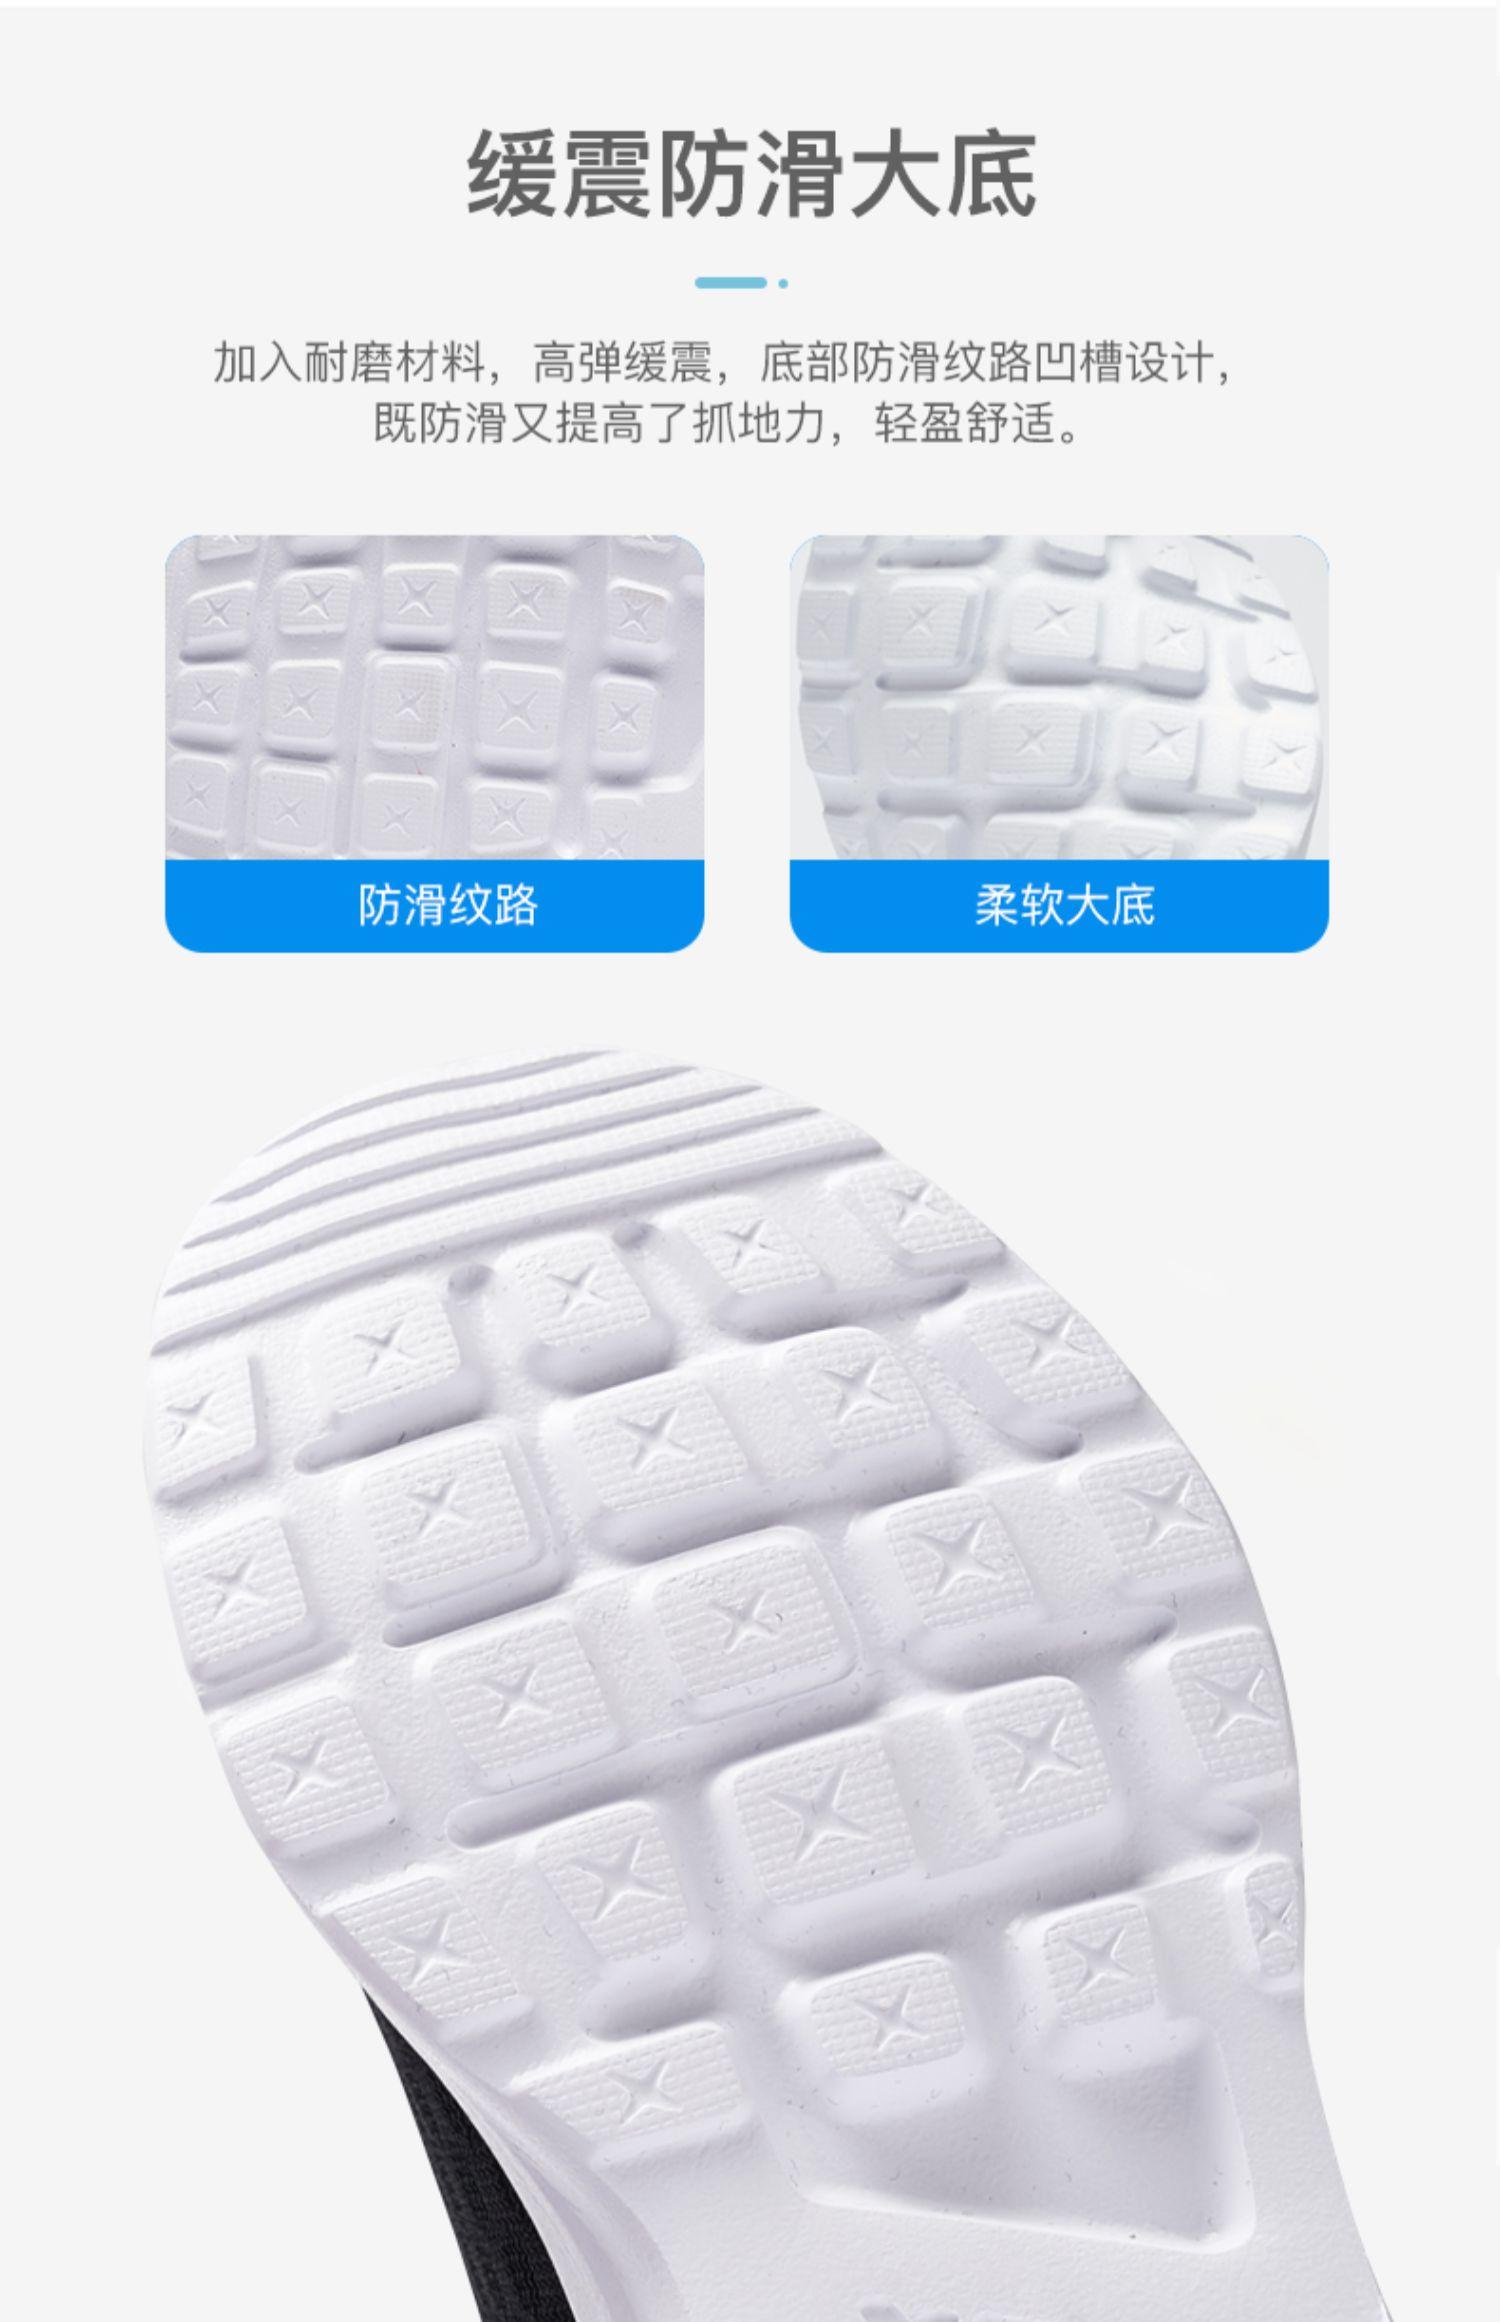 特步童鞋2019年春季新款休闲鞋男童女童网面透气运动鞋跑步鞋商品详情图